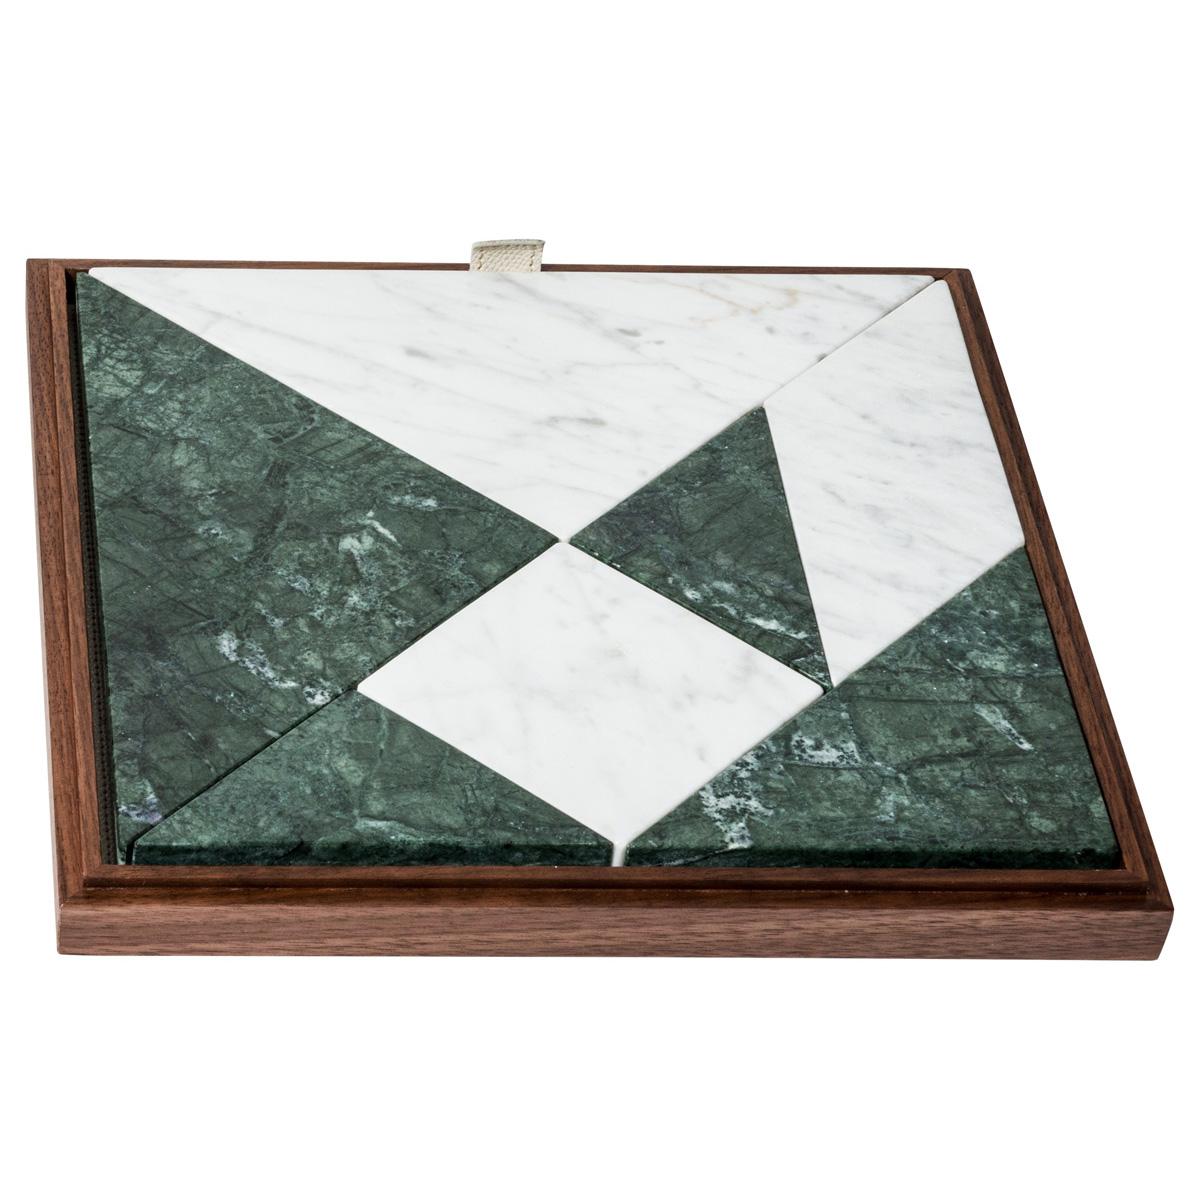 Gioco da tavolo Tangram by Pinetti